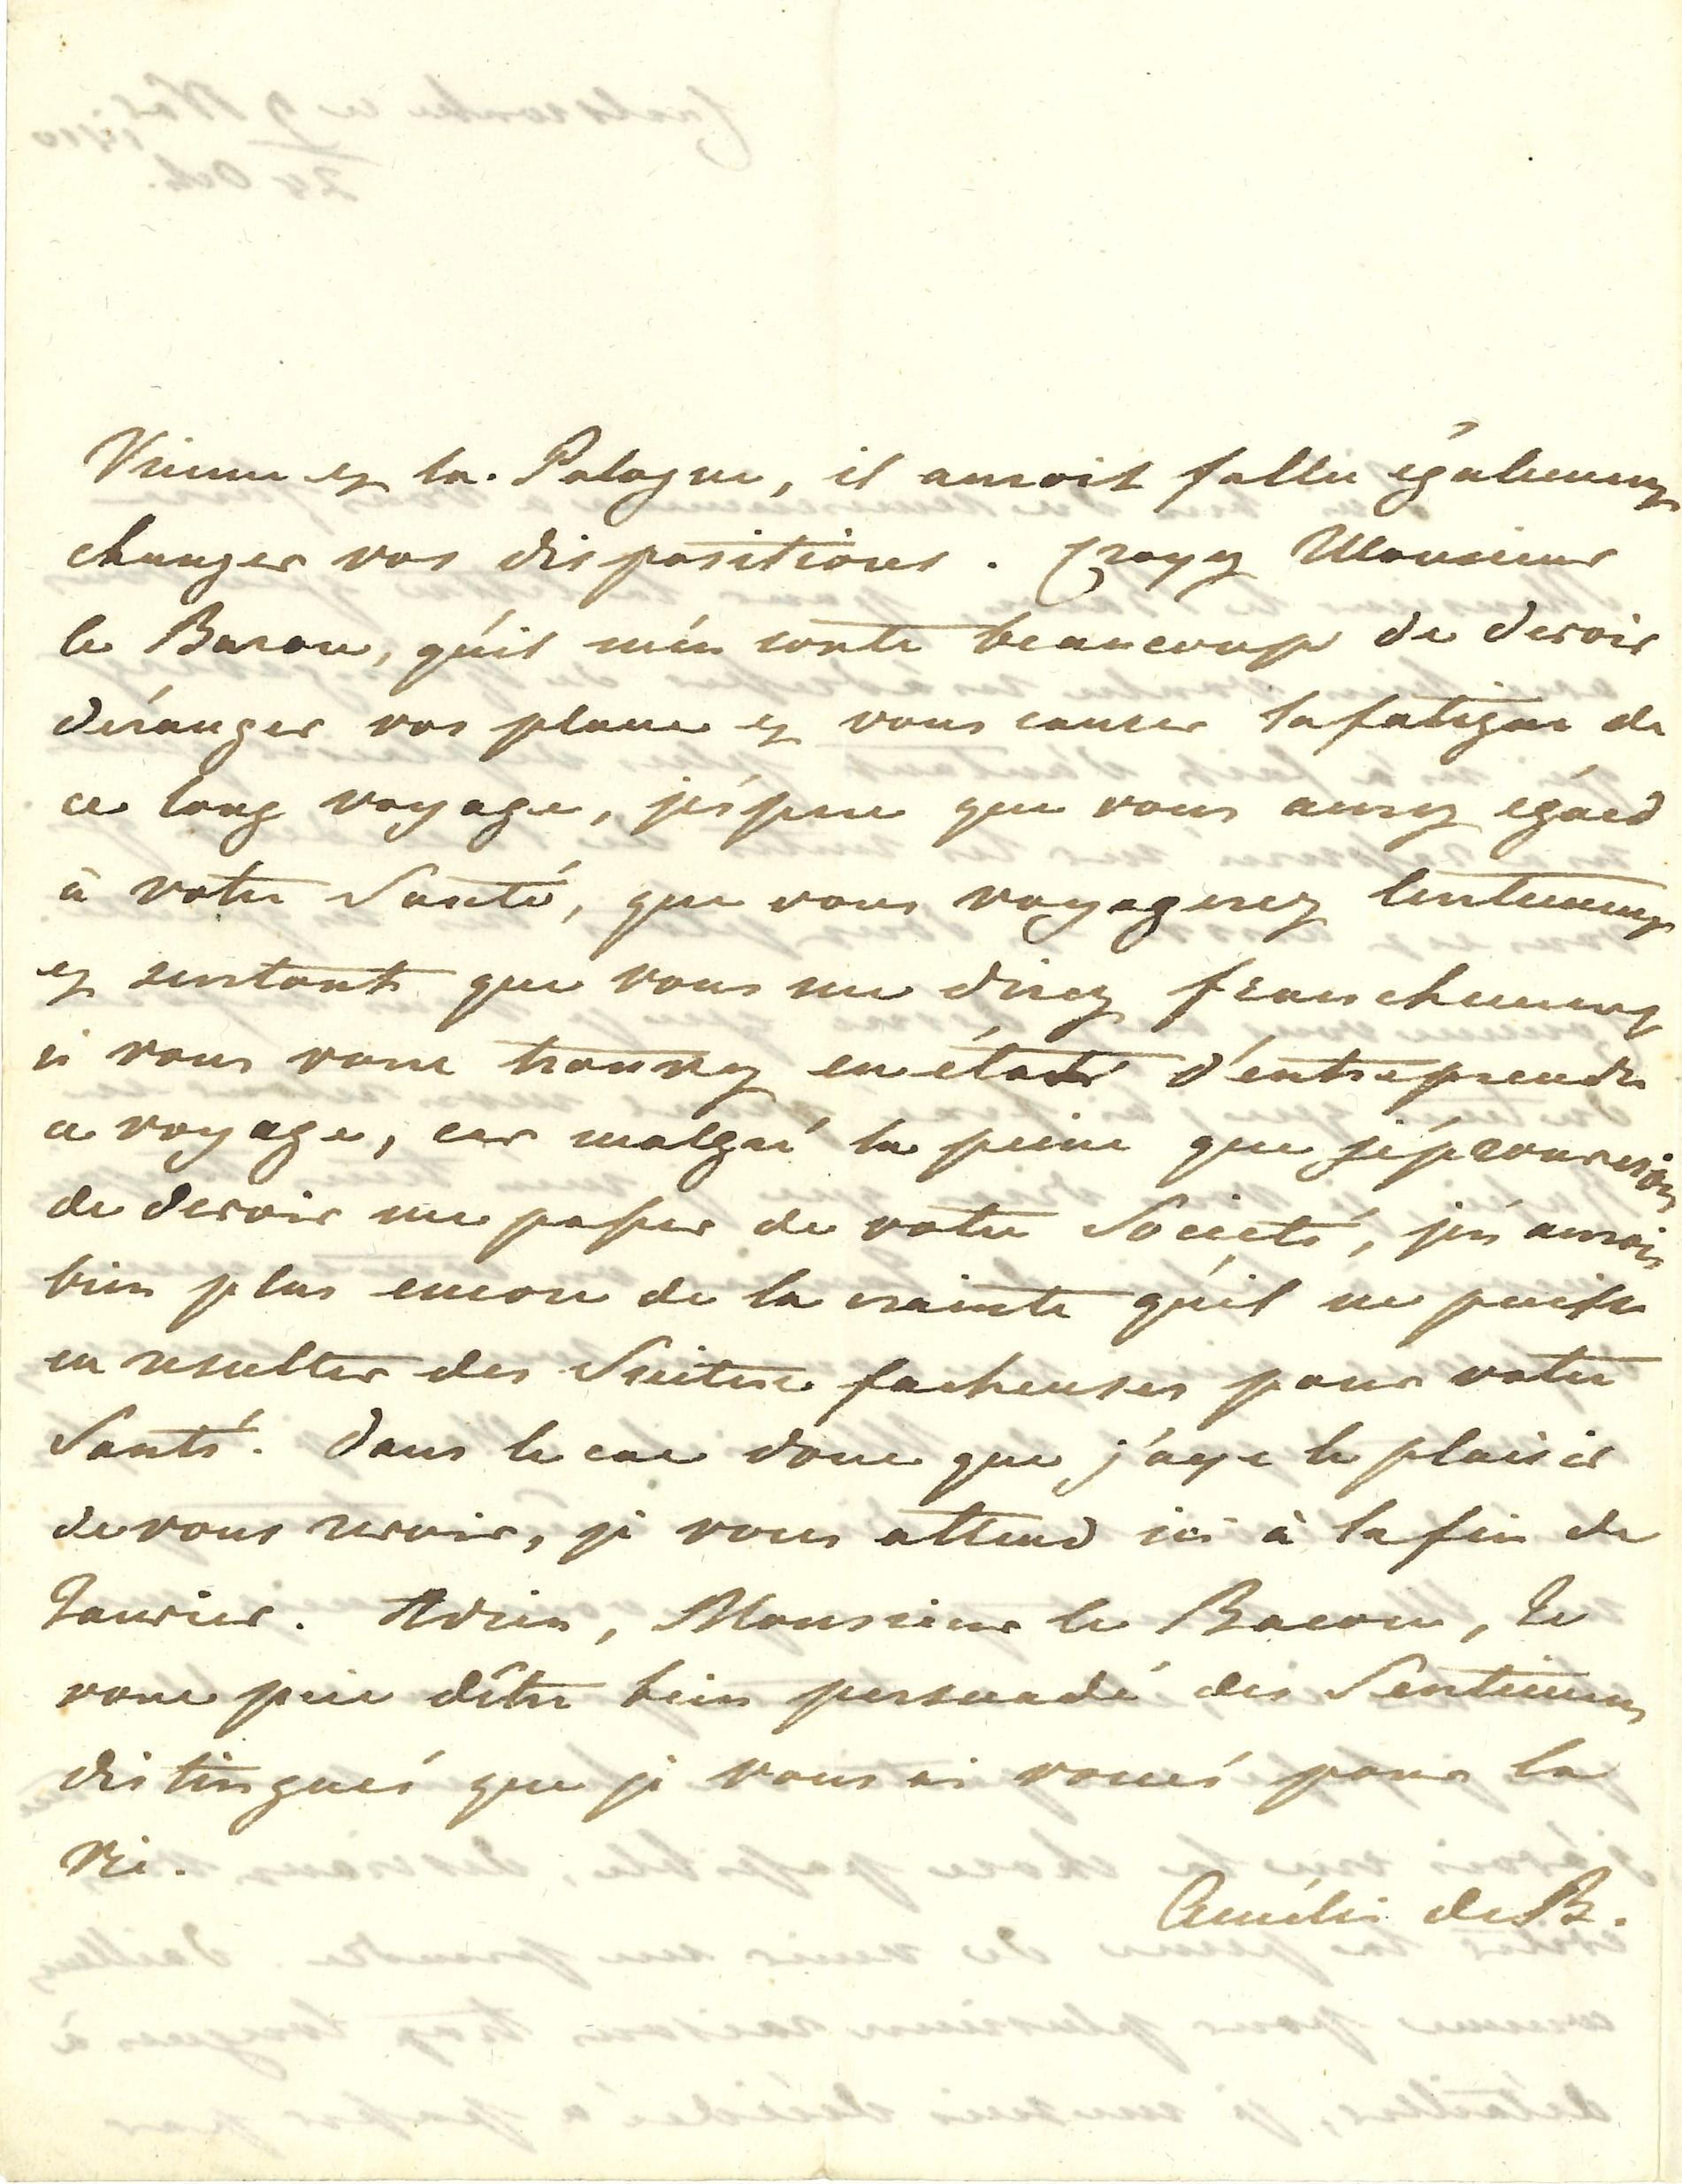 008 Amélie de BADE (1776-1823) fille aînée du prince Charles-Louis de Bade et d'Amélie de Hesse-Darmstadt, belle-sœur du Tsar Alexandre Ier, elle resta célibataire Image